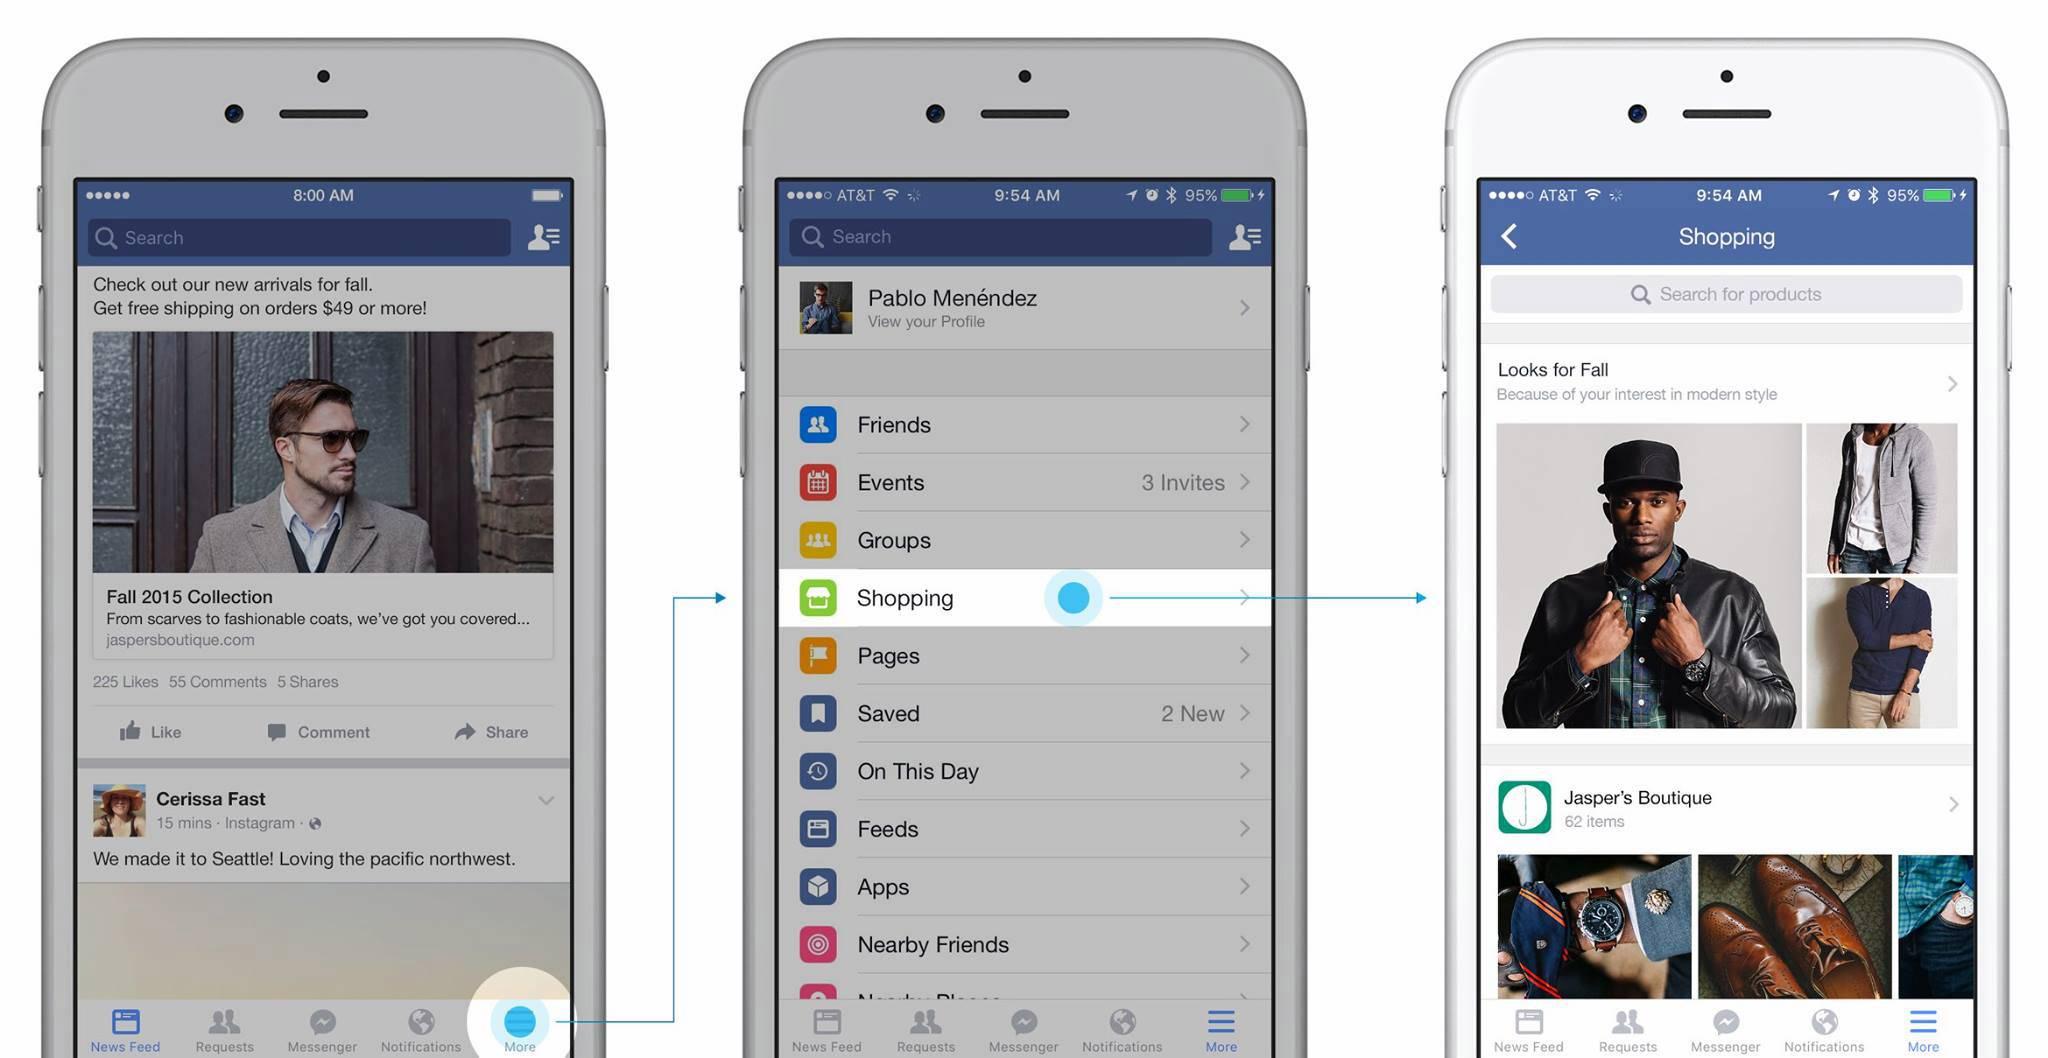 Facebook lanza dos nuevas funcionalidades de comercio electrónico en pruebas